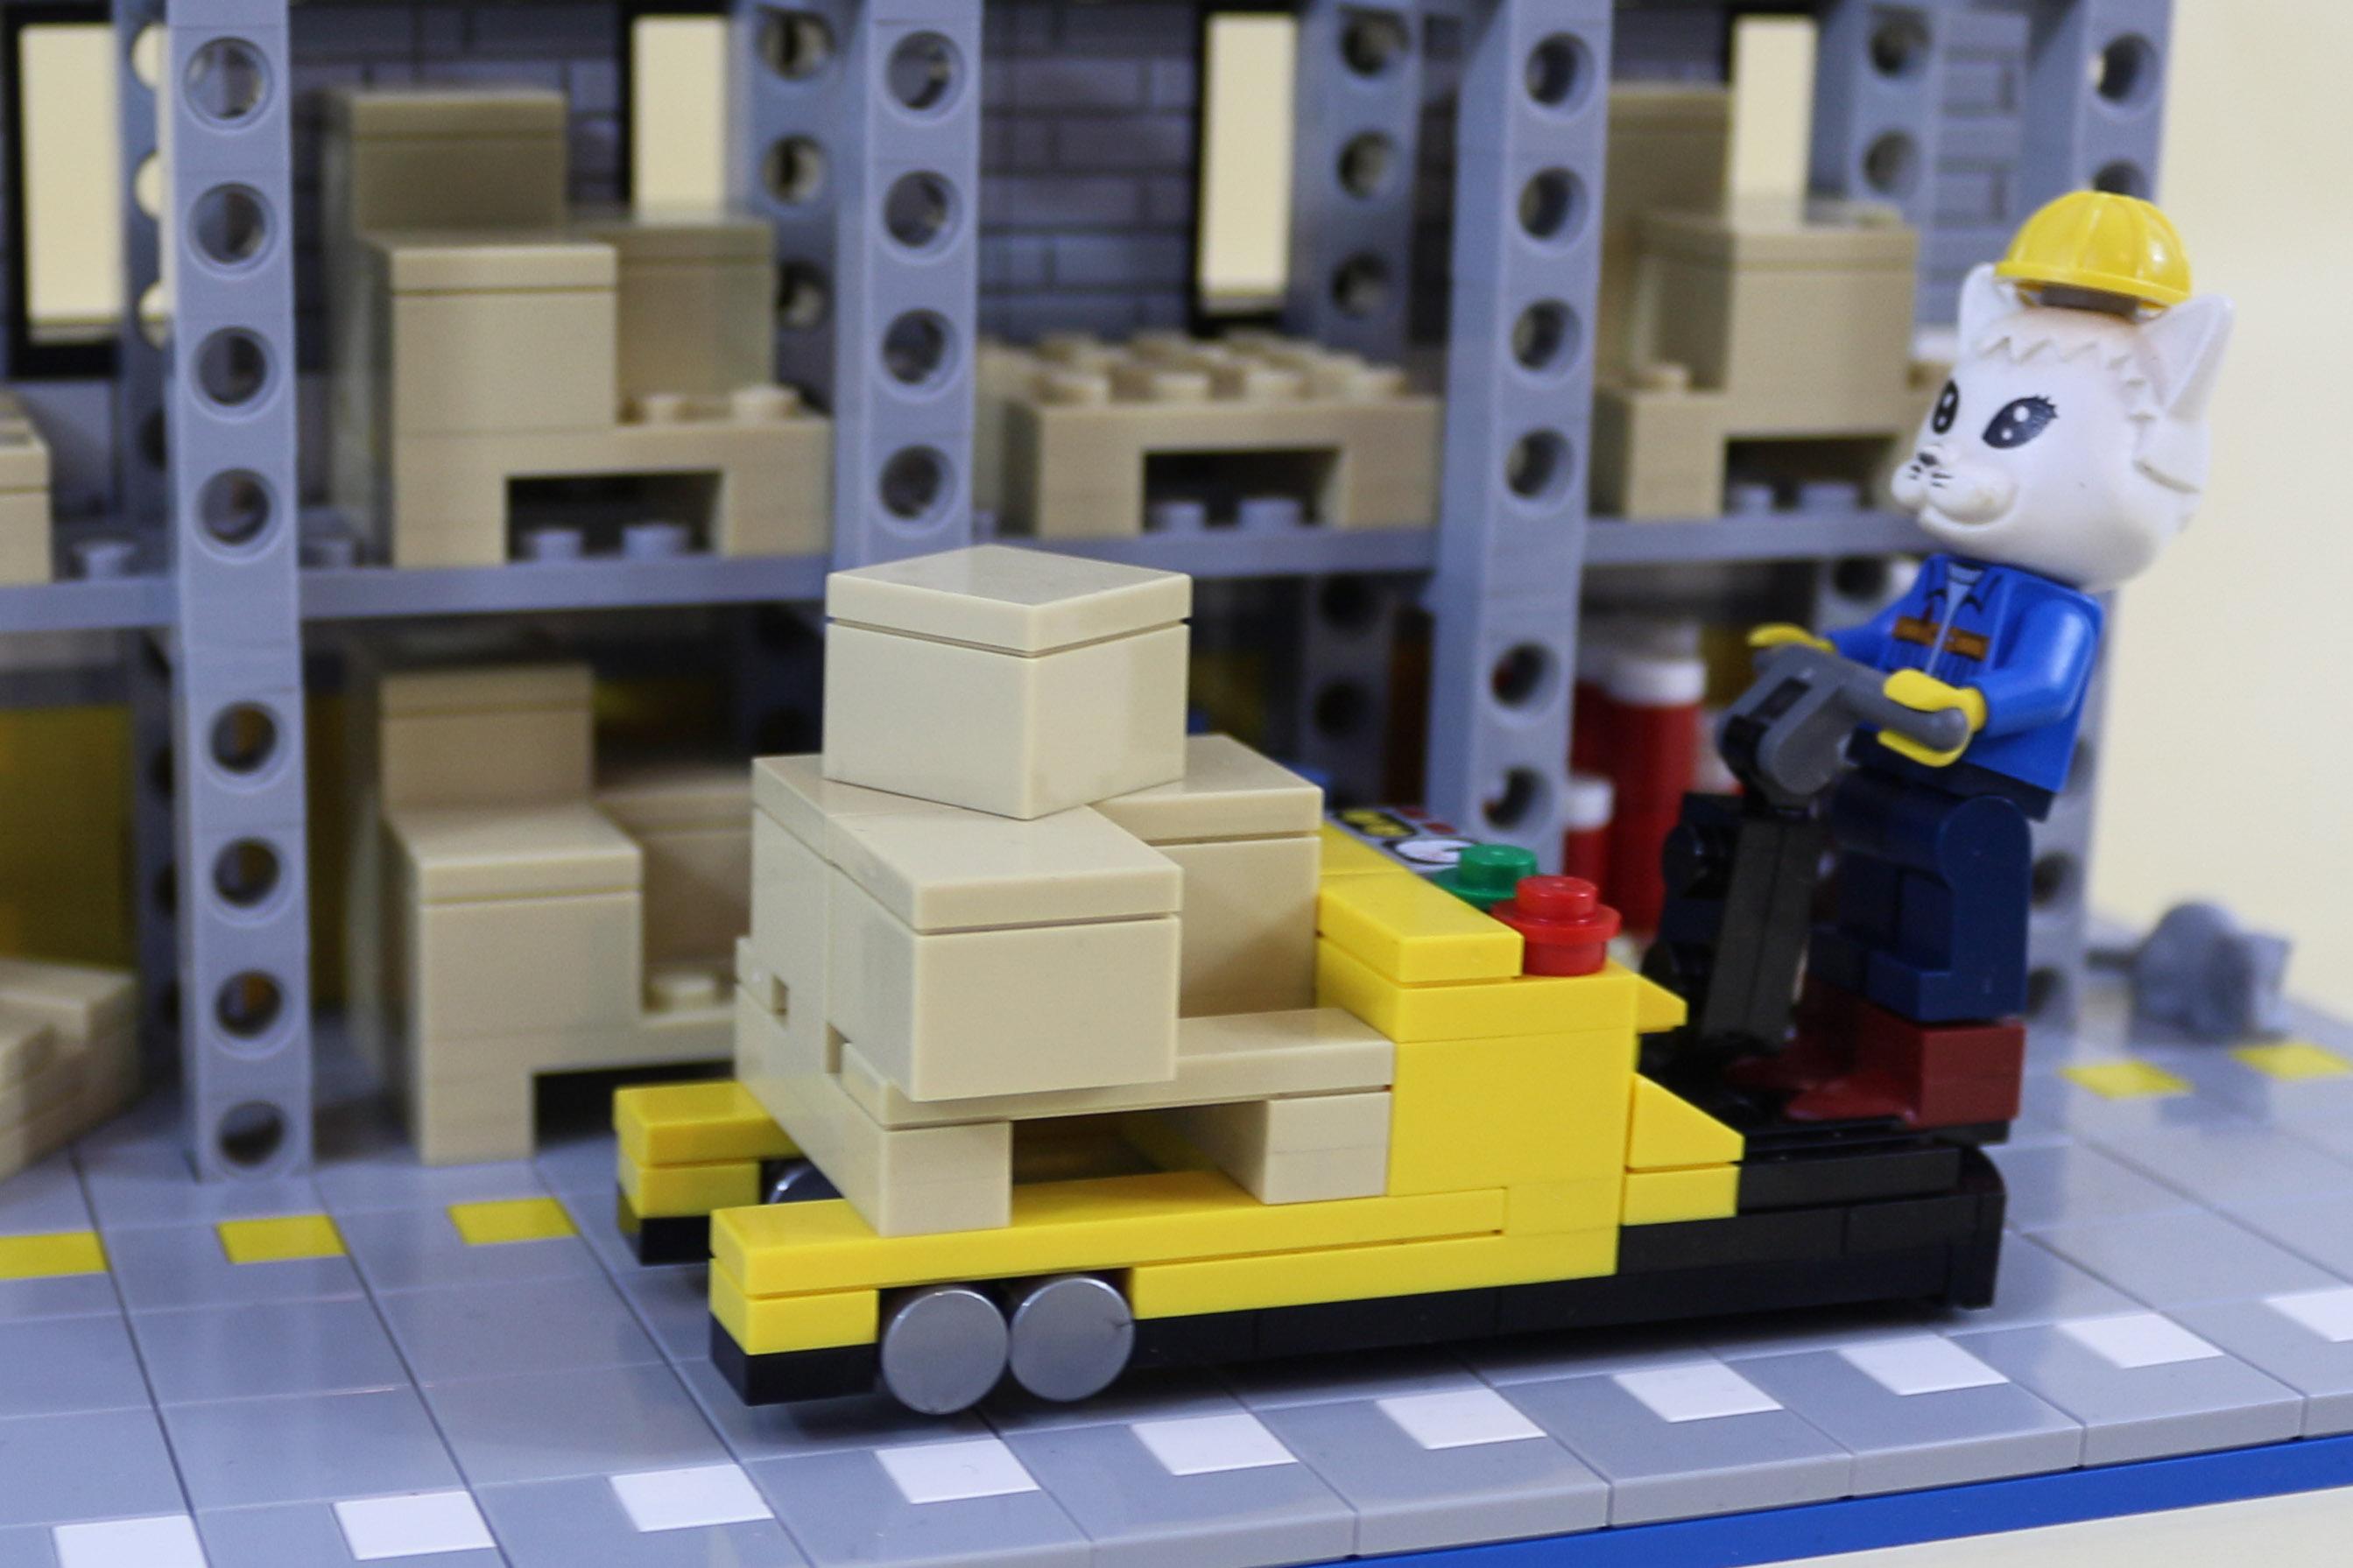 bhp-biuro-lego-konstruktor-matt-kustra-1.jpg